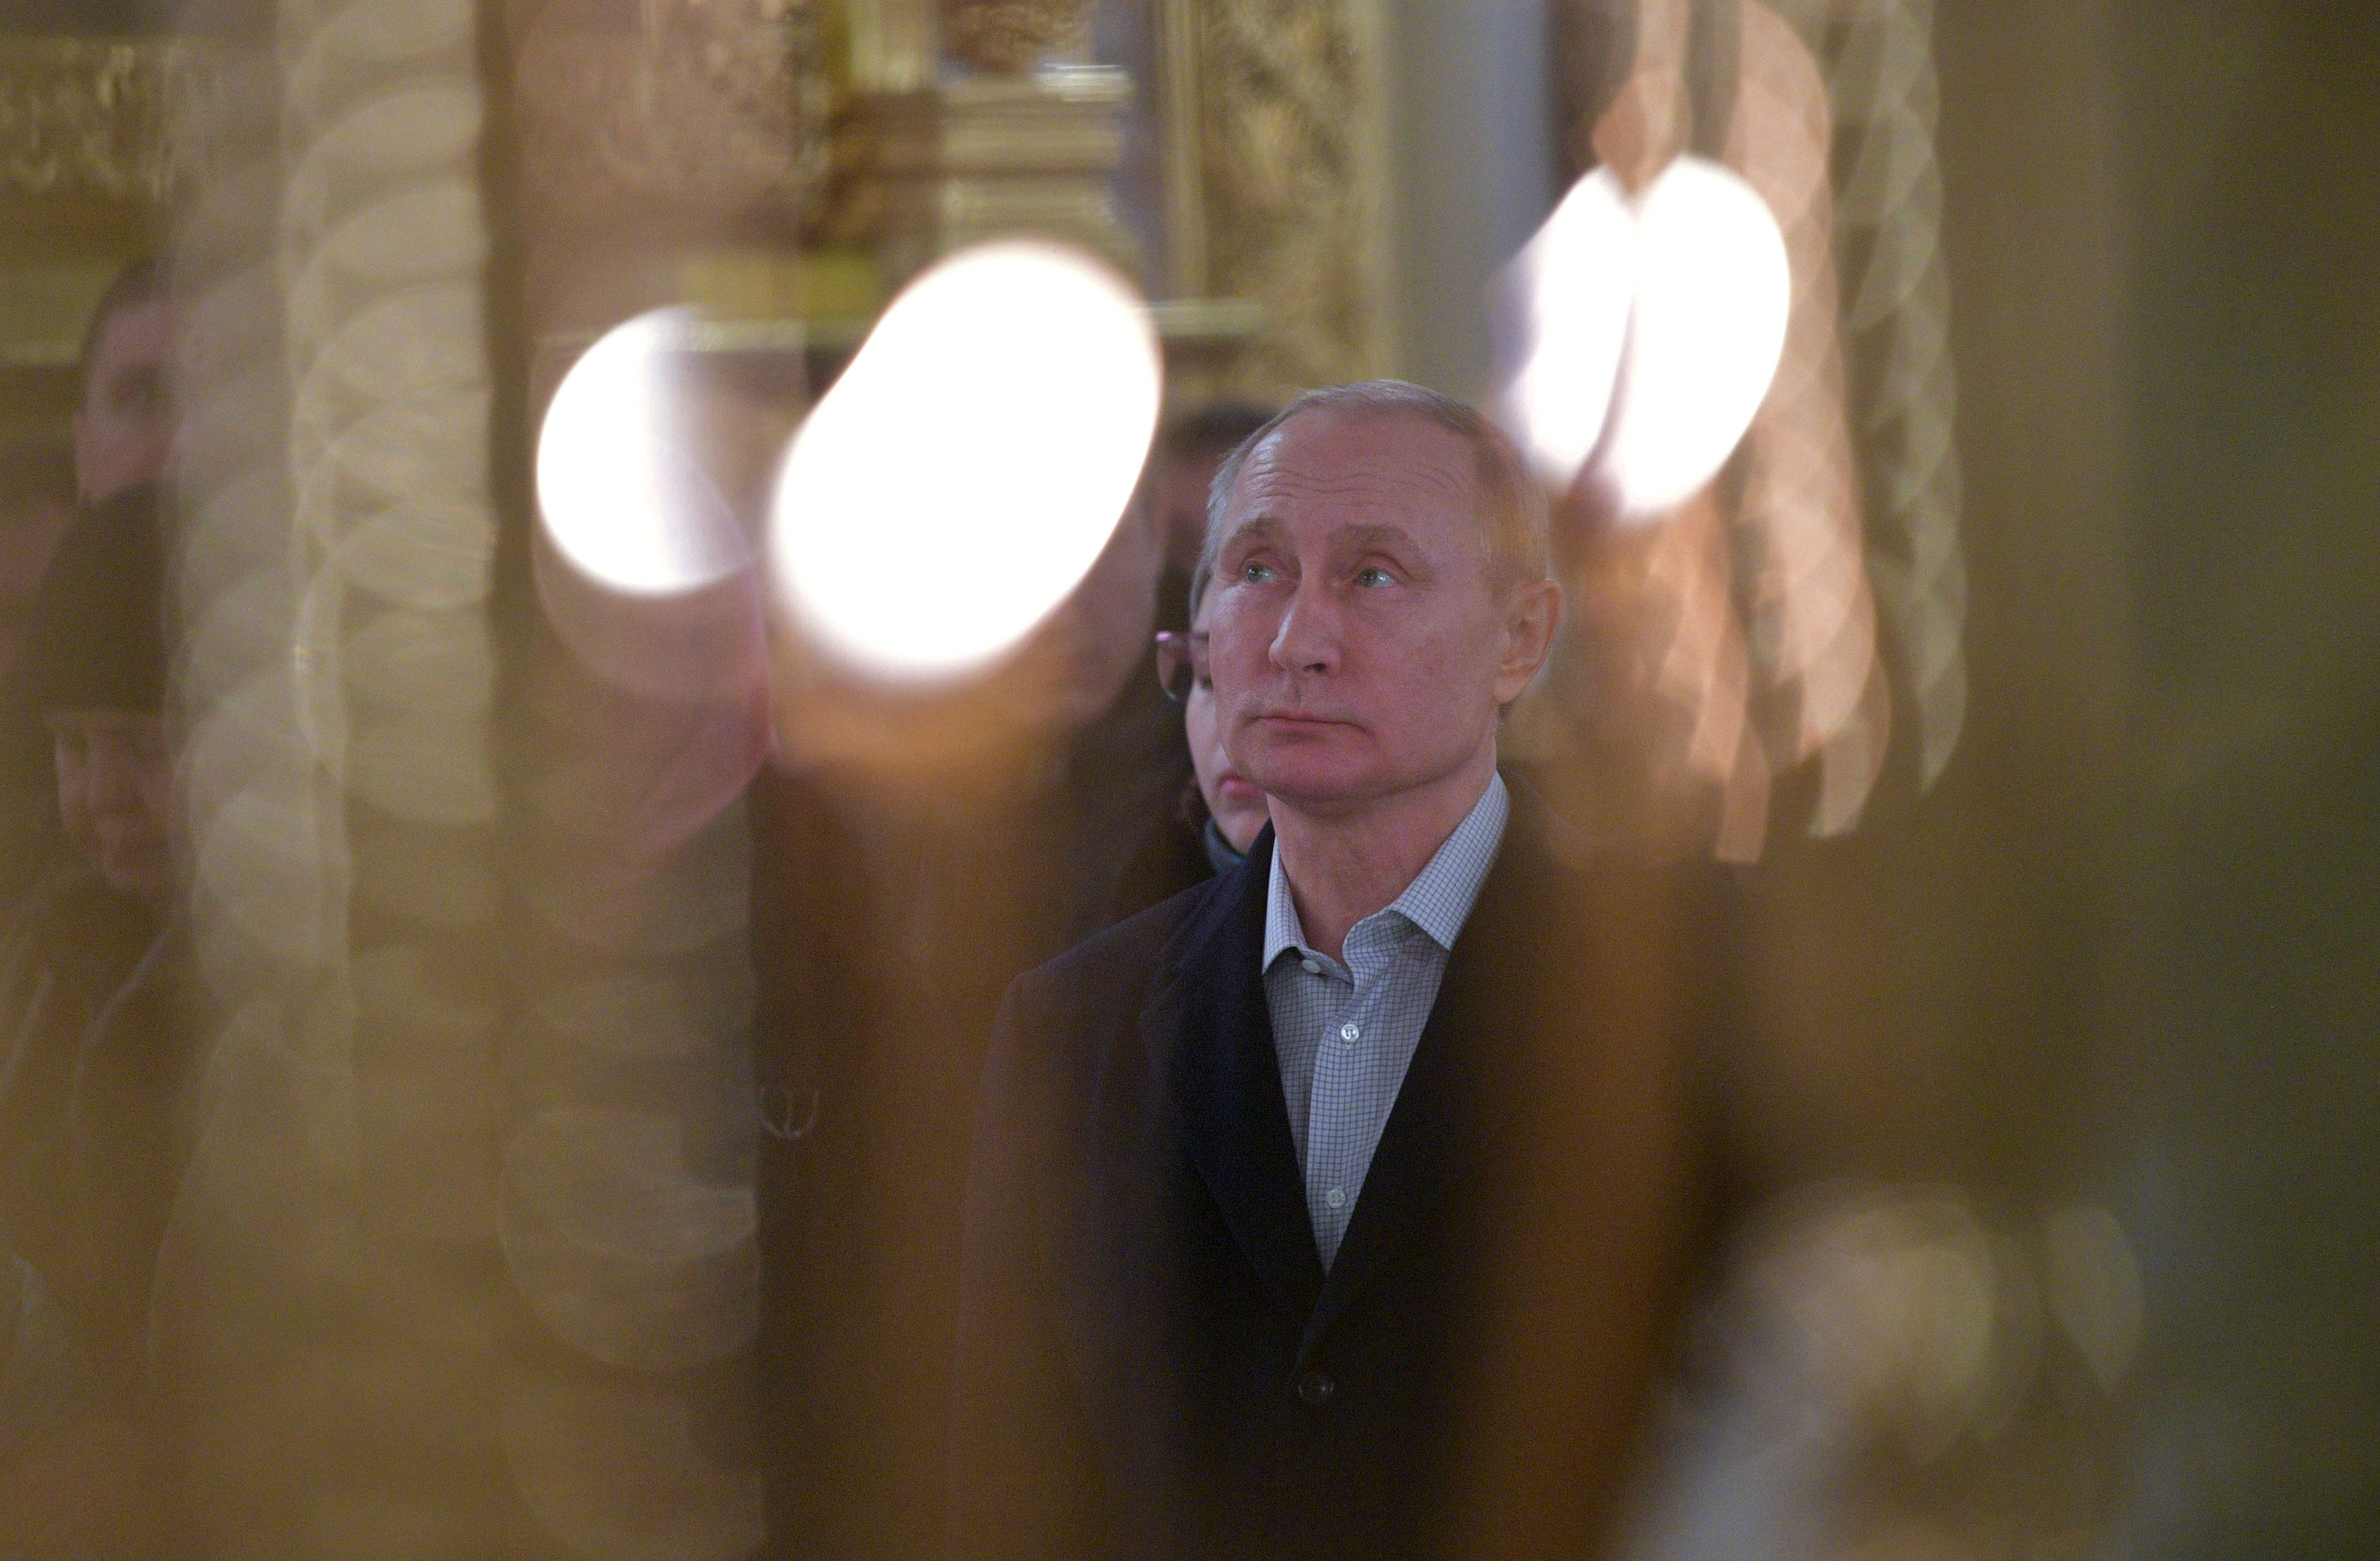 Владимир Путин перешел все возможные границы не только с Украиной, но и с США, считает эксперт